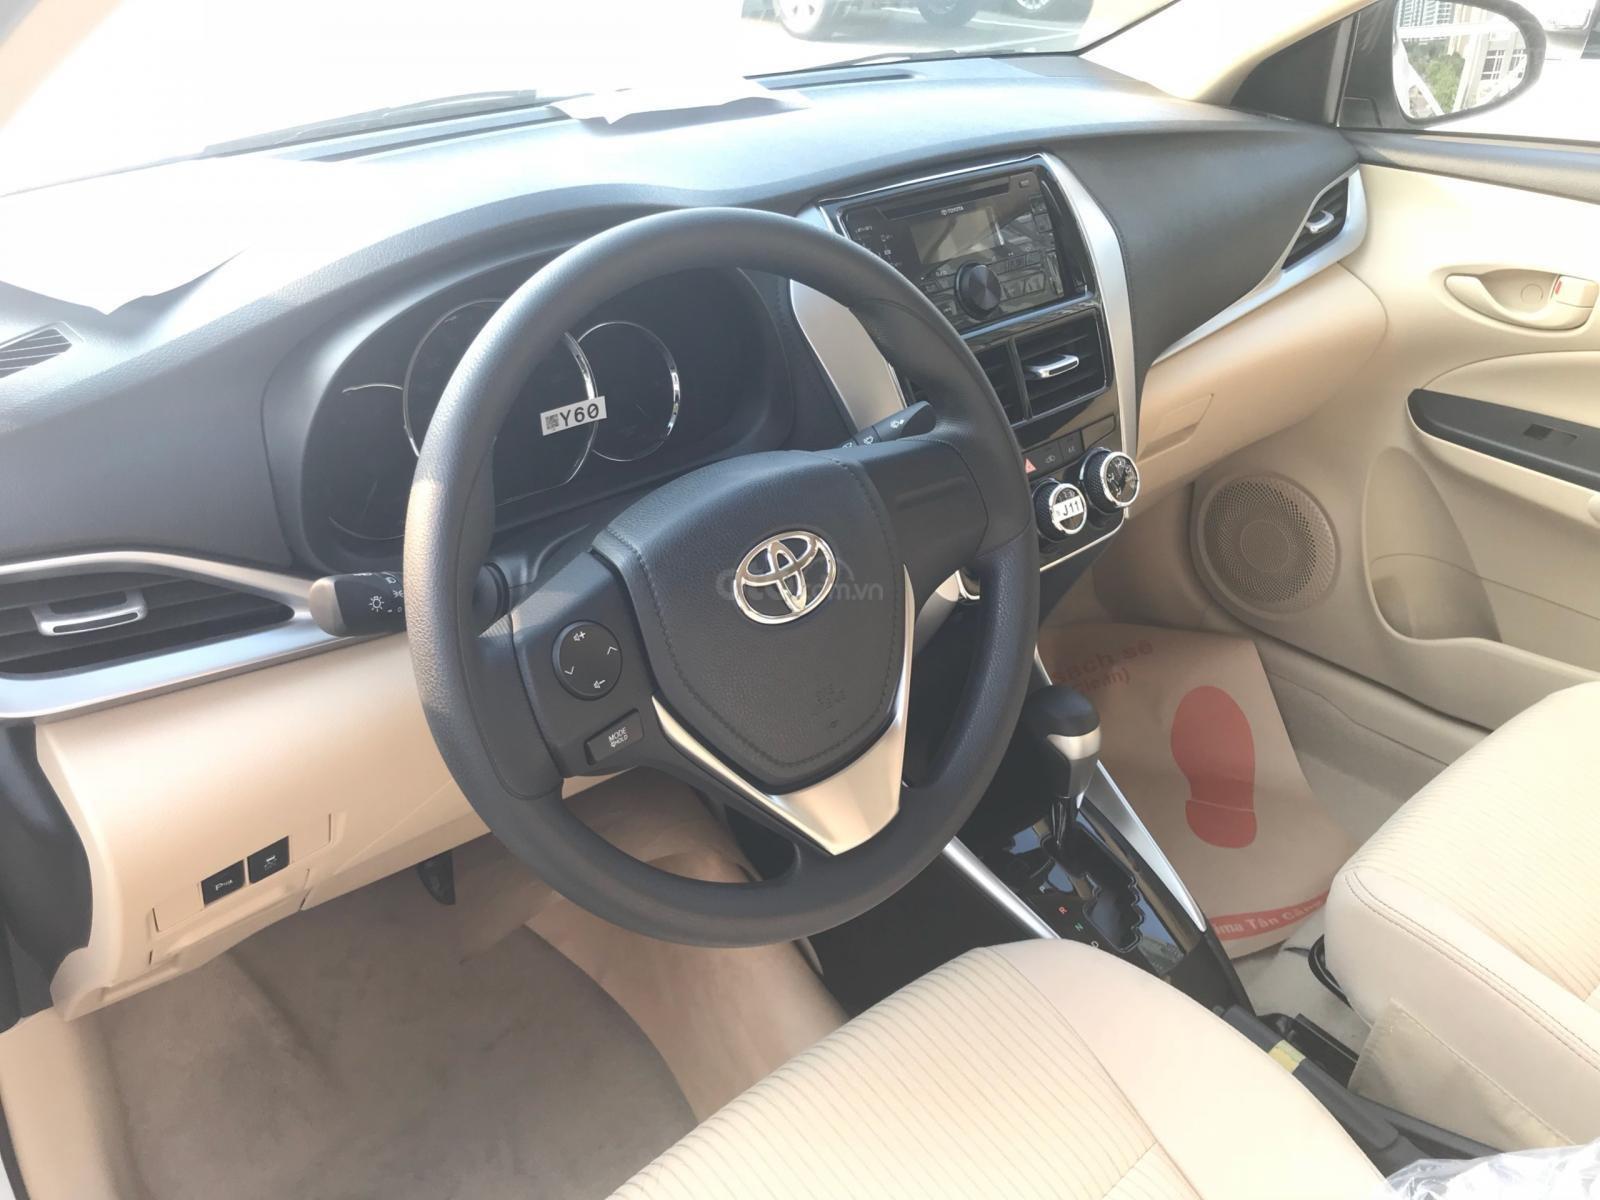 Toyota Tân Cảng Vios 1.5 tự động, trả trước 150tr nhận xe - Xe giao ngay đủ màu, LH 0933000600-1